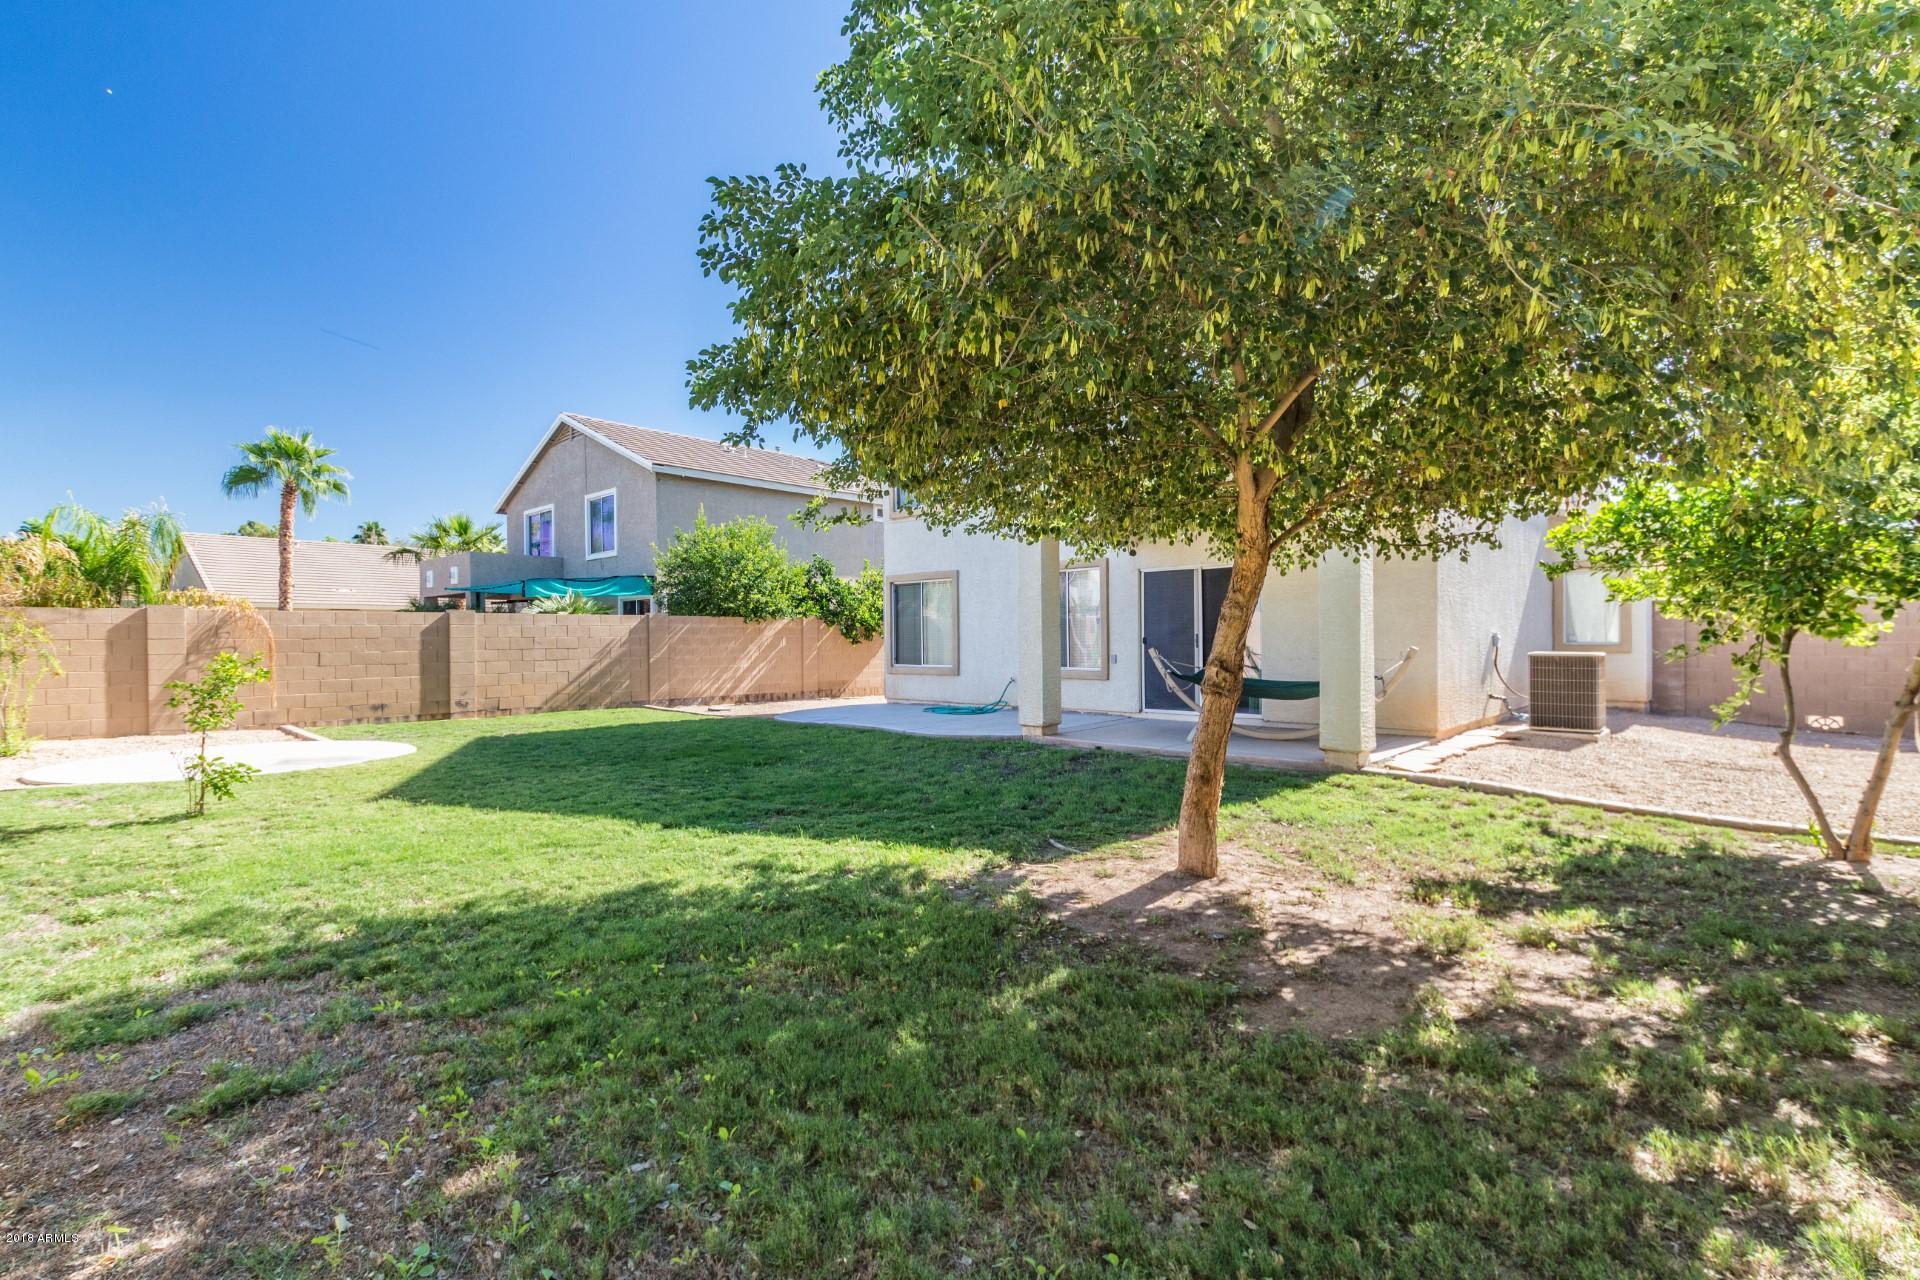 MLS 5840394 7246 W NICOLET Avenue, Glendale, AZ 85303 Glendale AZ Paradise Views